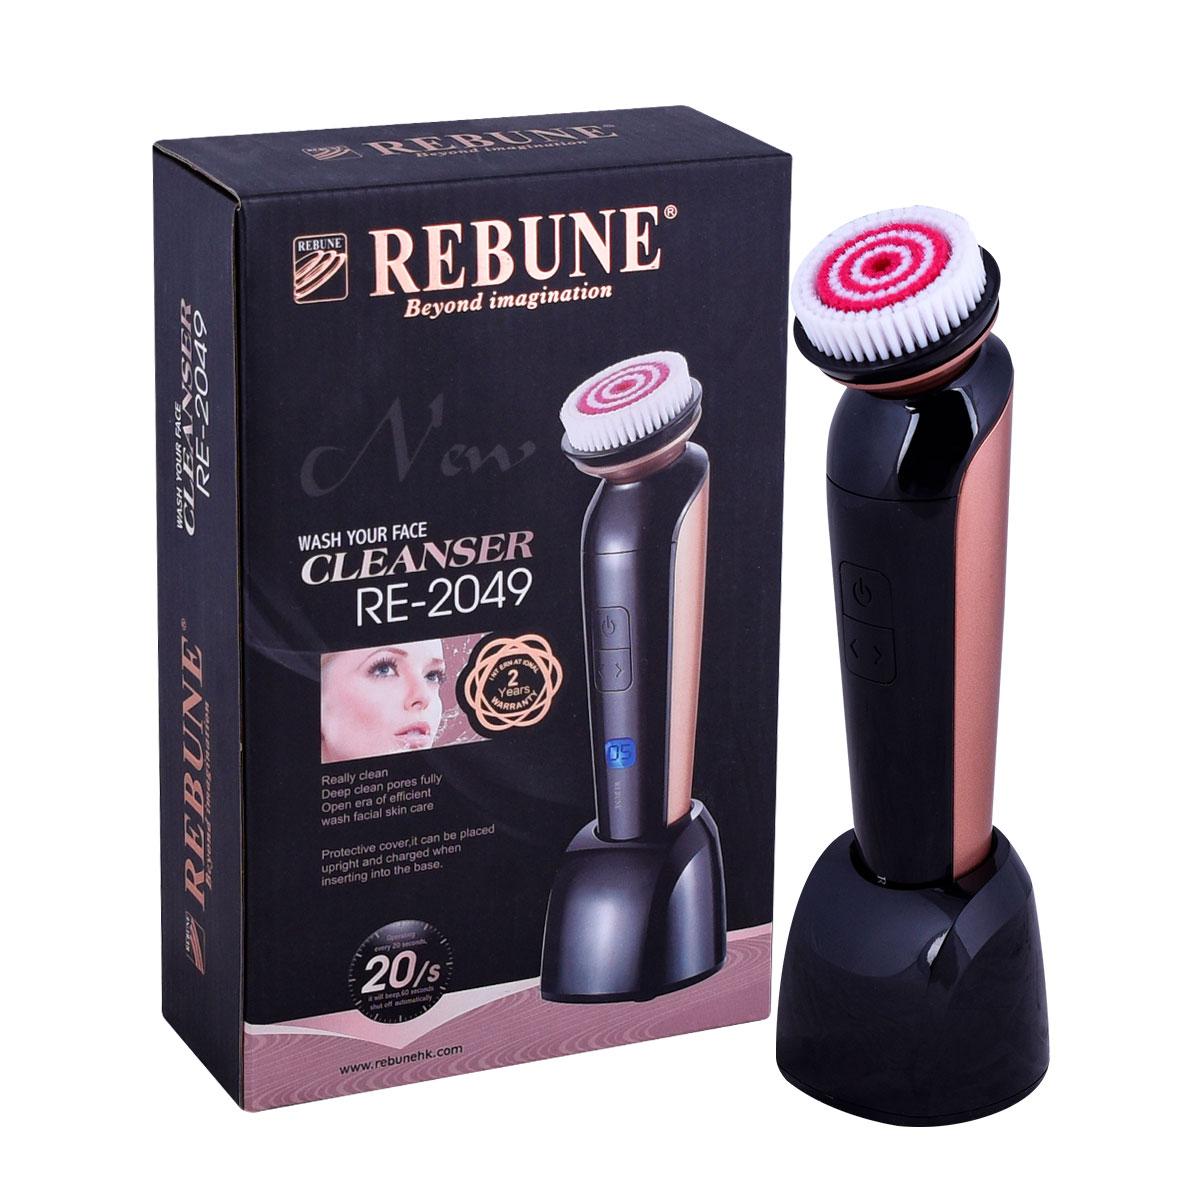 جهاز تنظيف الوجه ريبون RE-2049